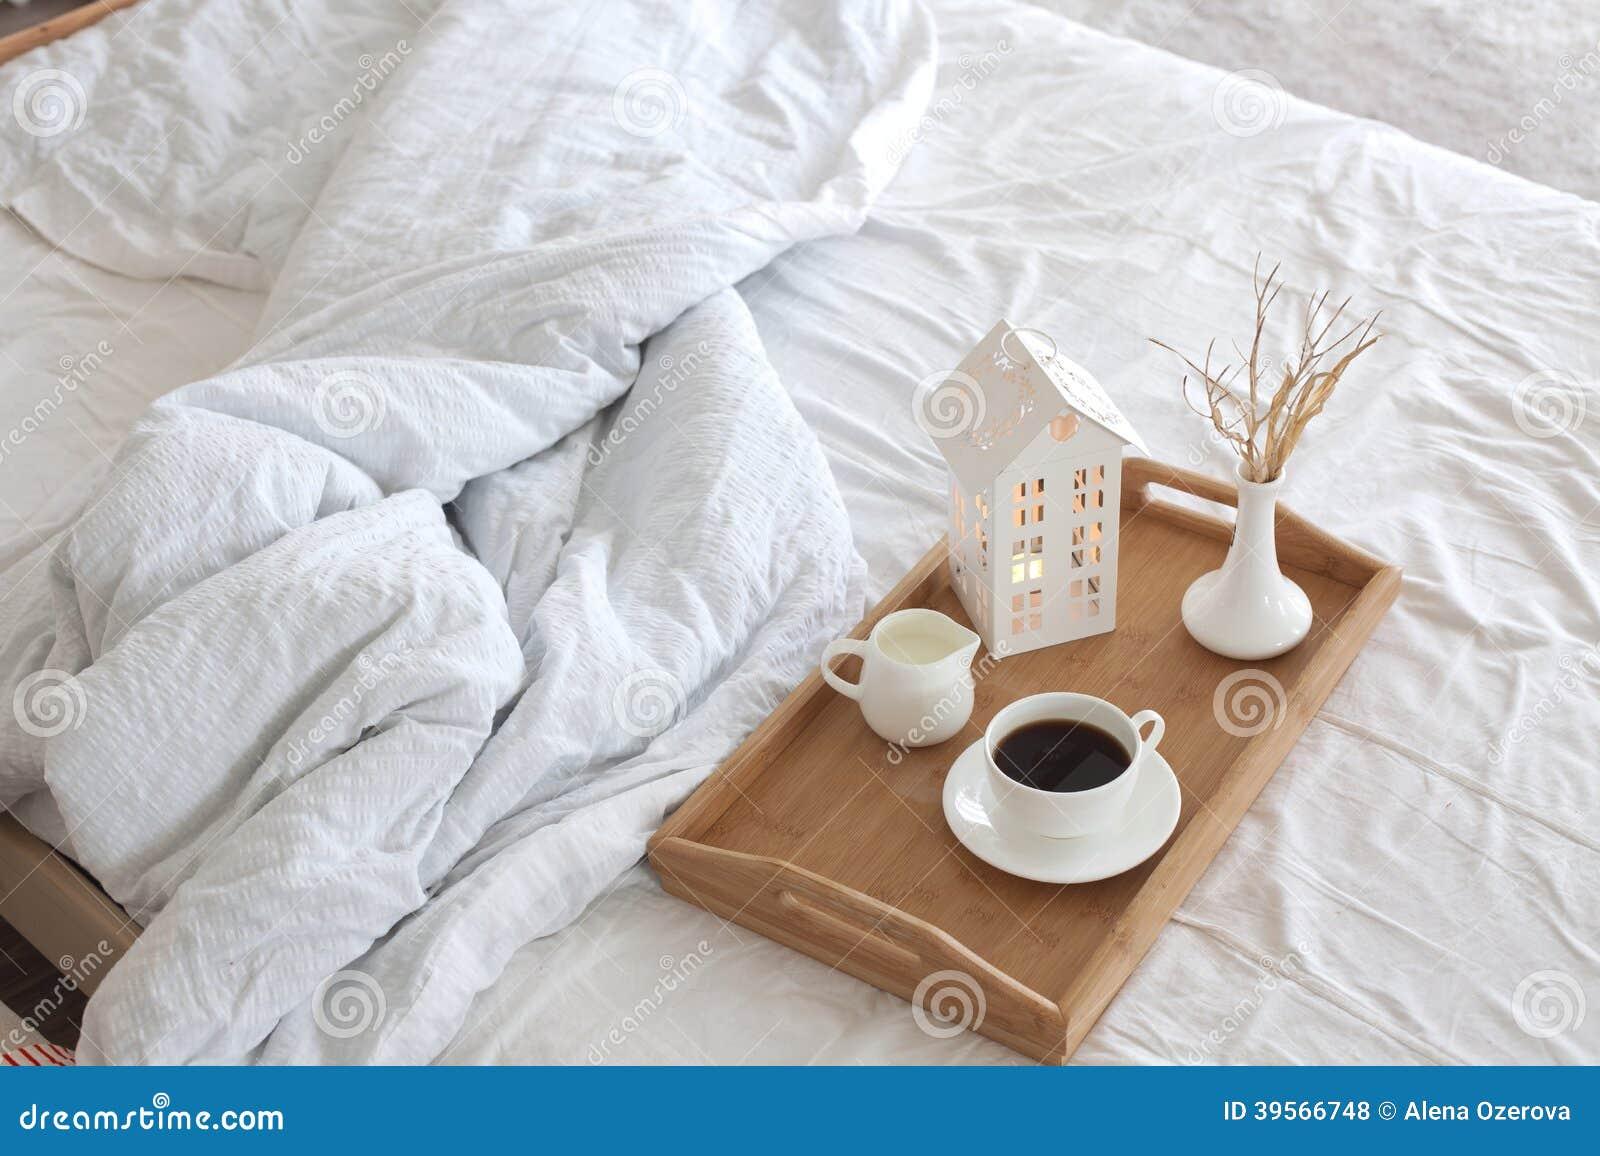 Kawa W łóżku Zdjęcie Stock Obraz Złożonej Z Sypialnia